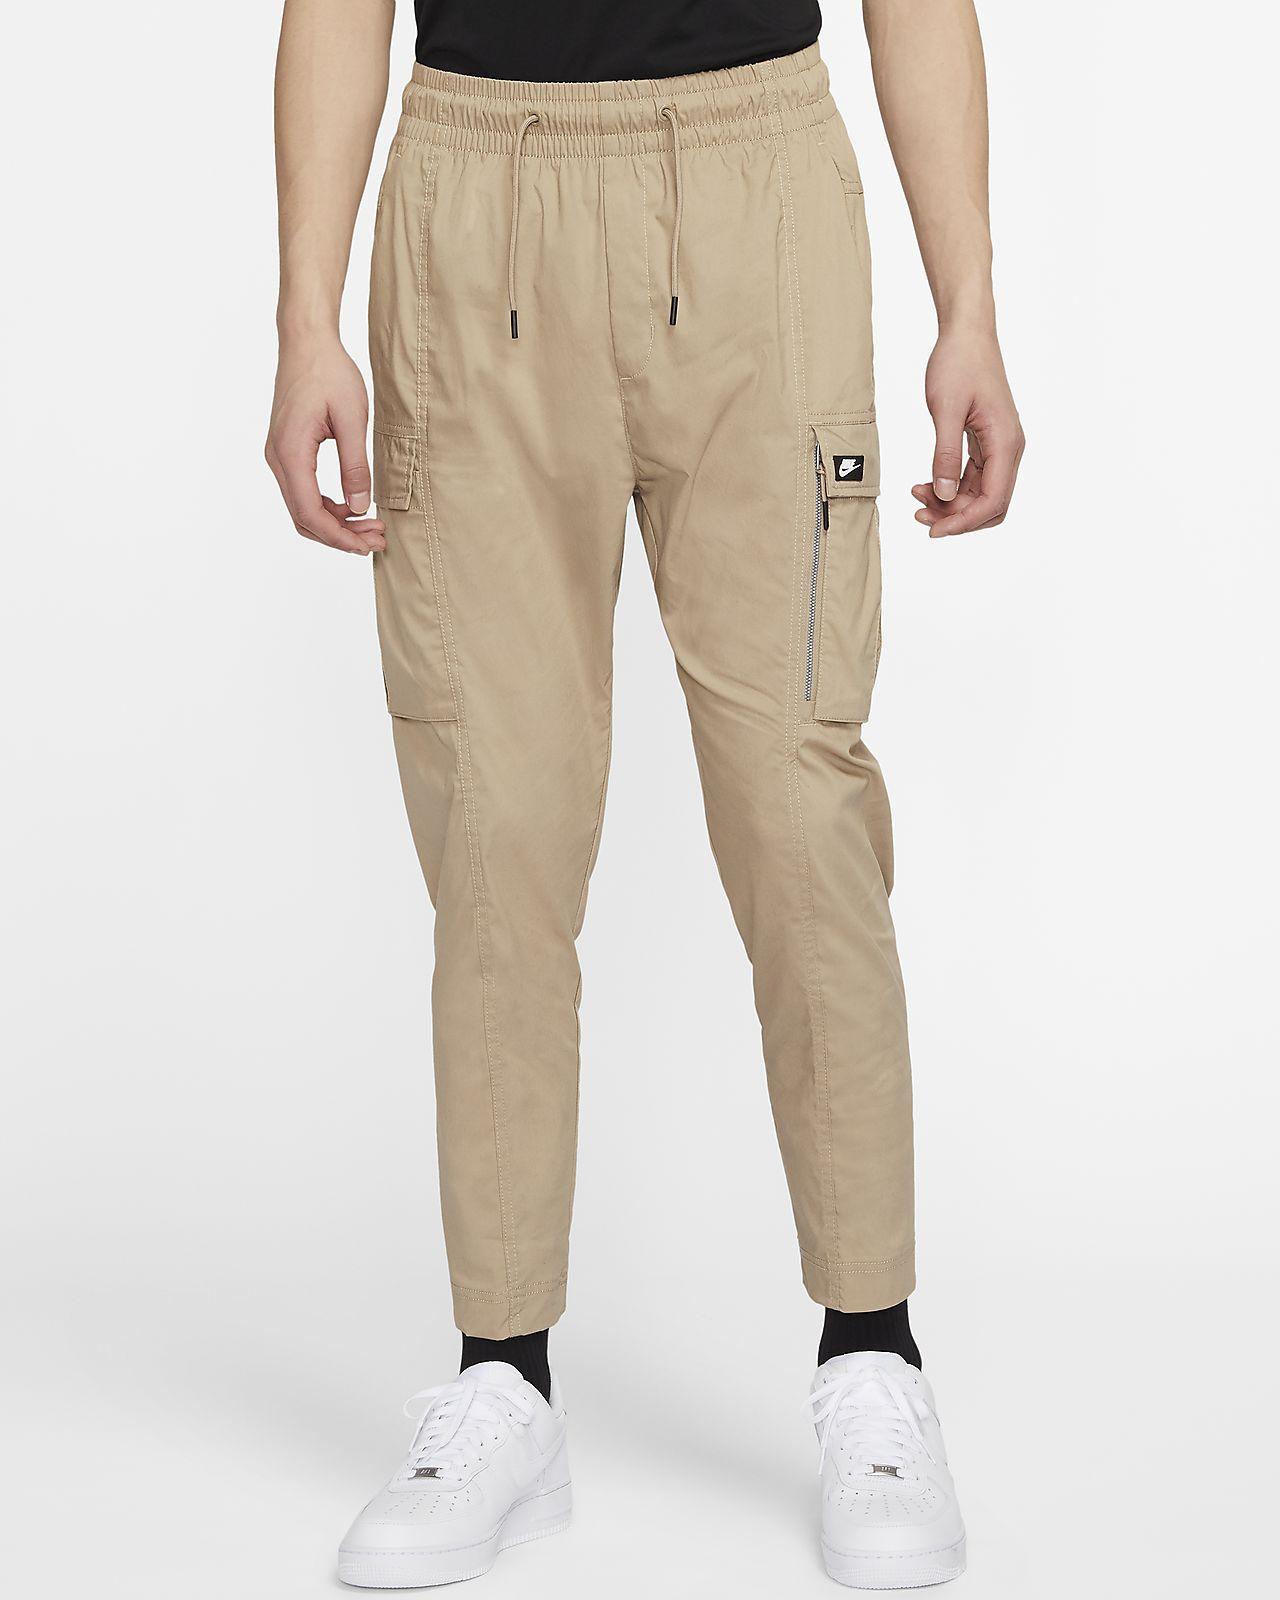 Nike Sportswear 男子工装长裤